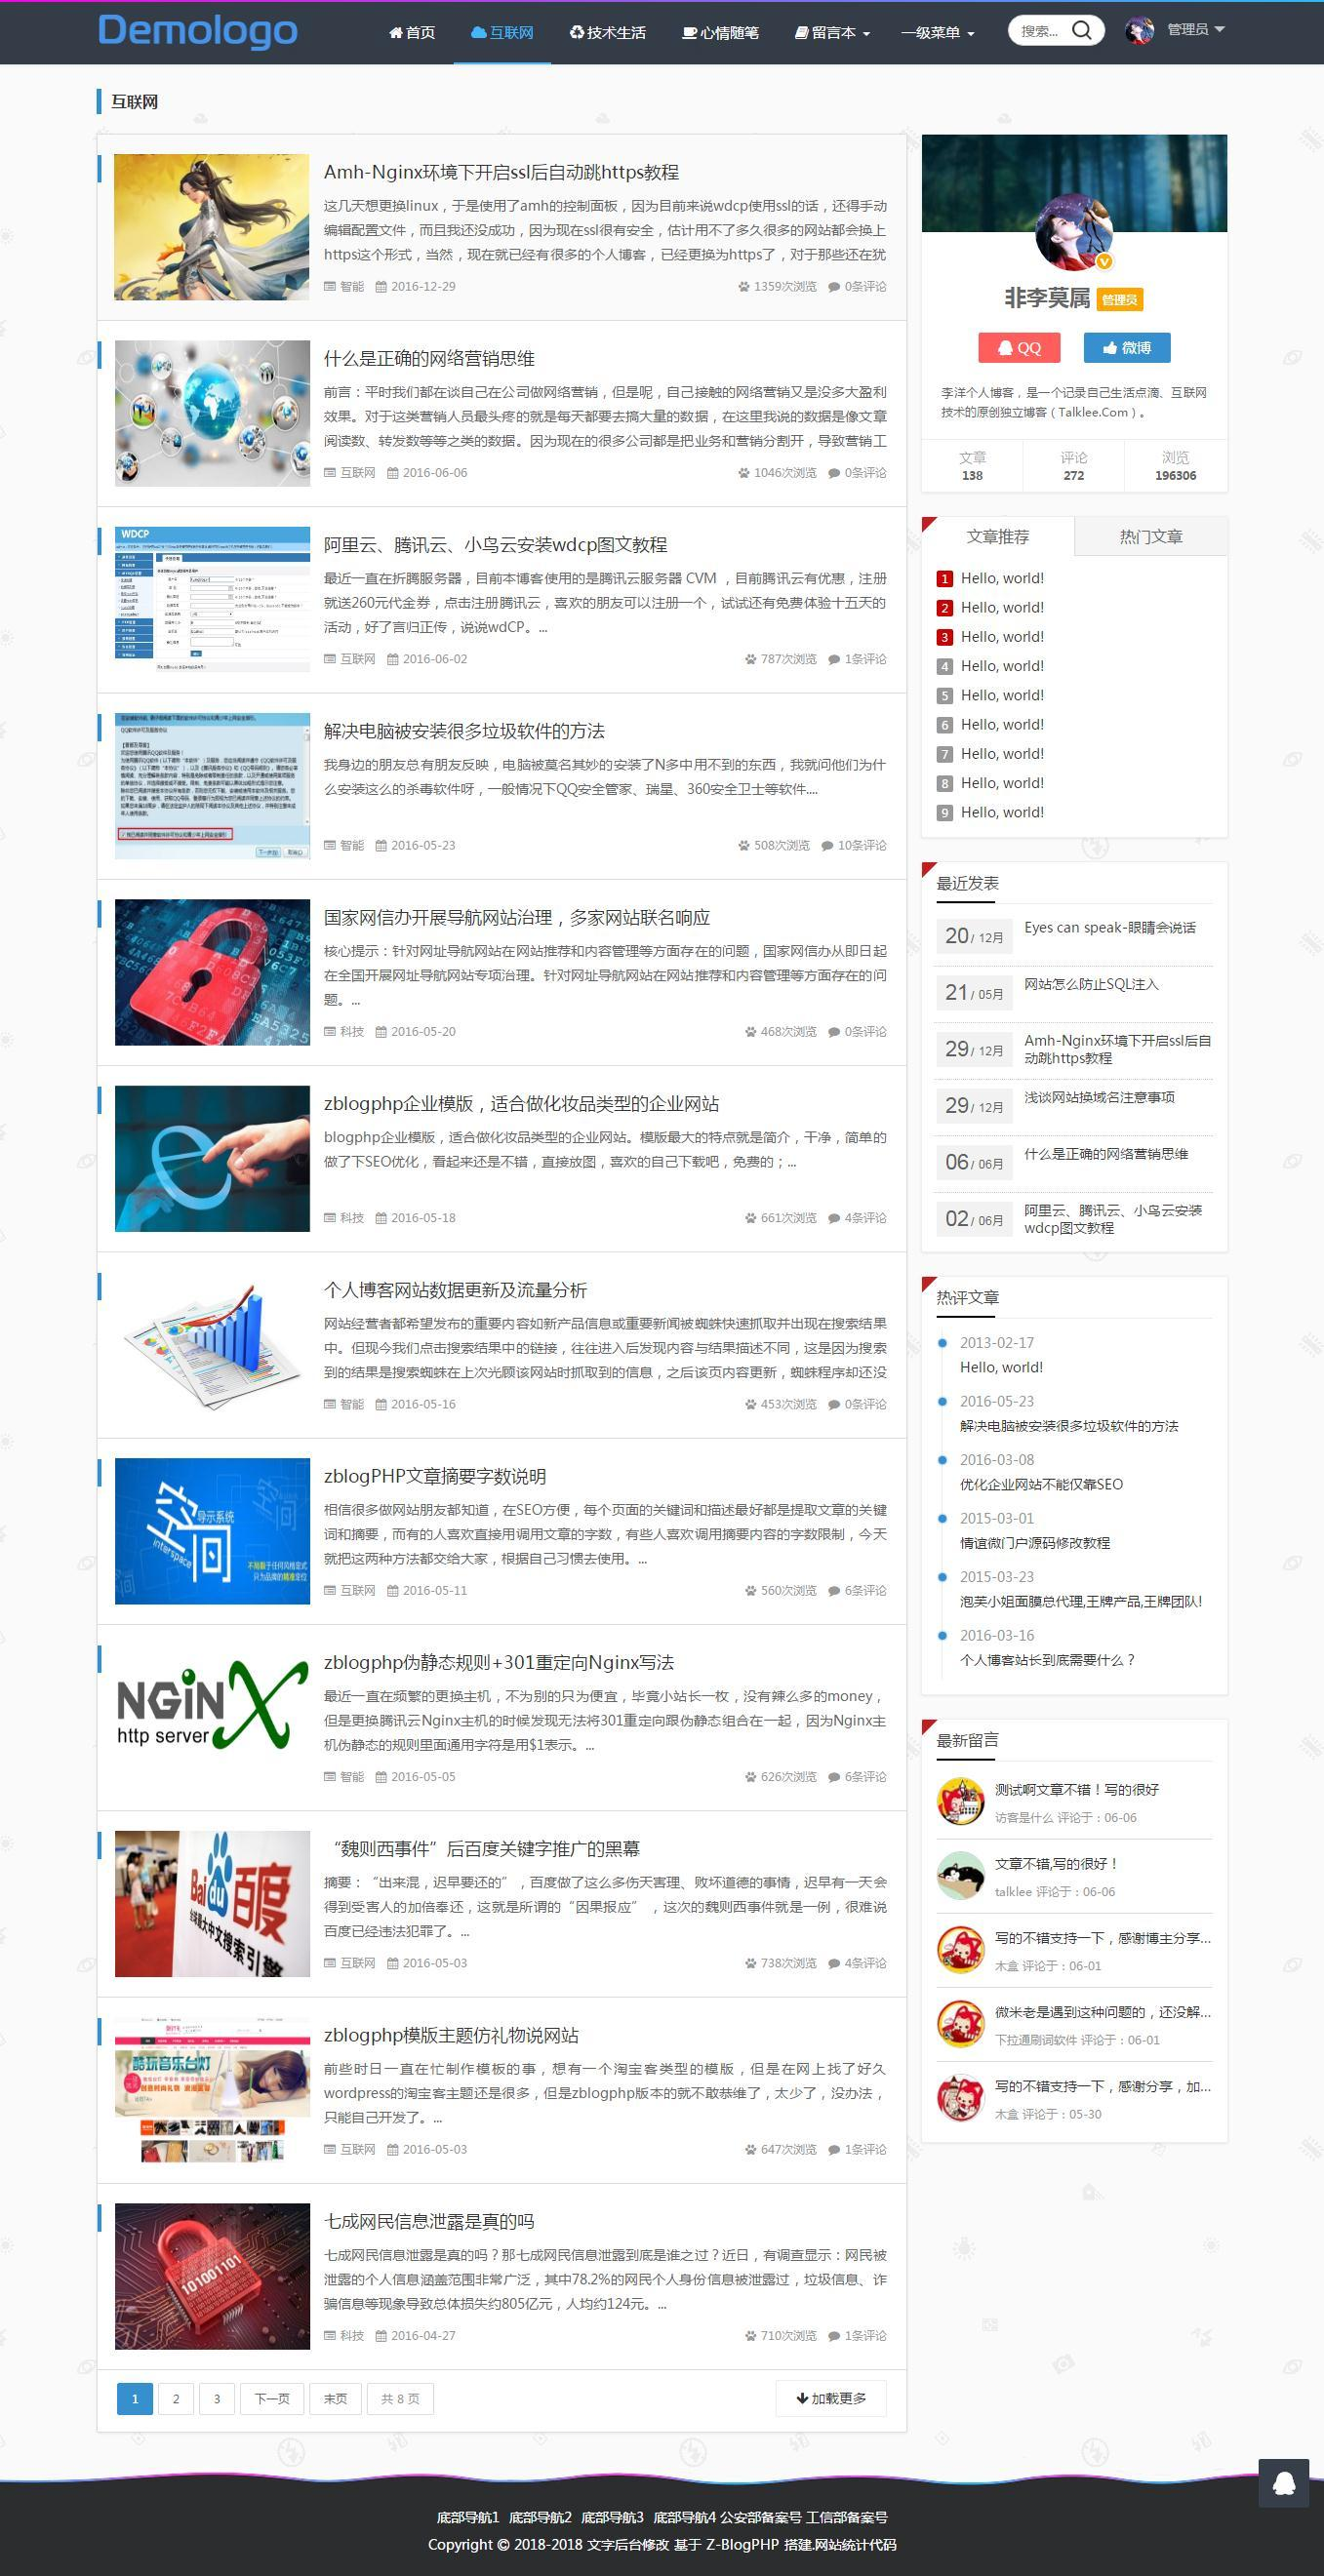 Z-BlogPHP开运锦鲤前来报道(更新说明及操作教程,必看文章) 第80张